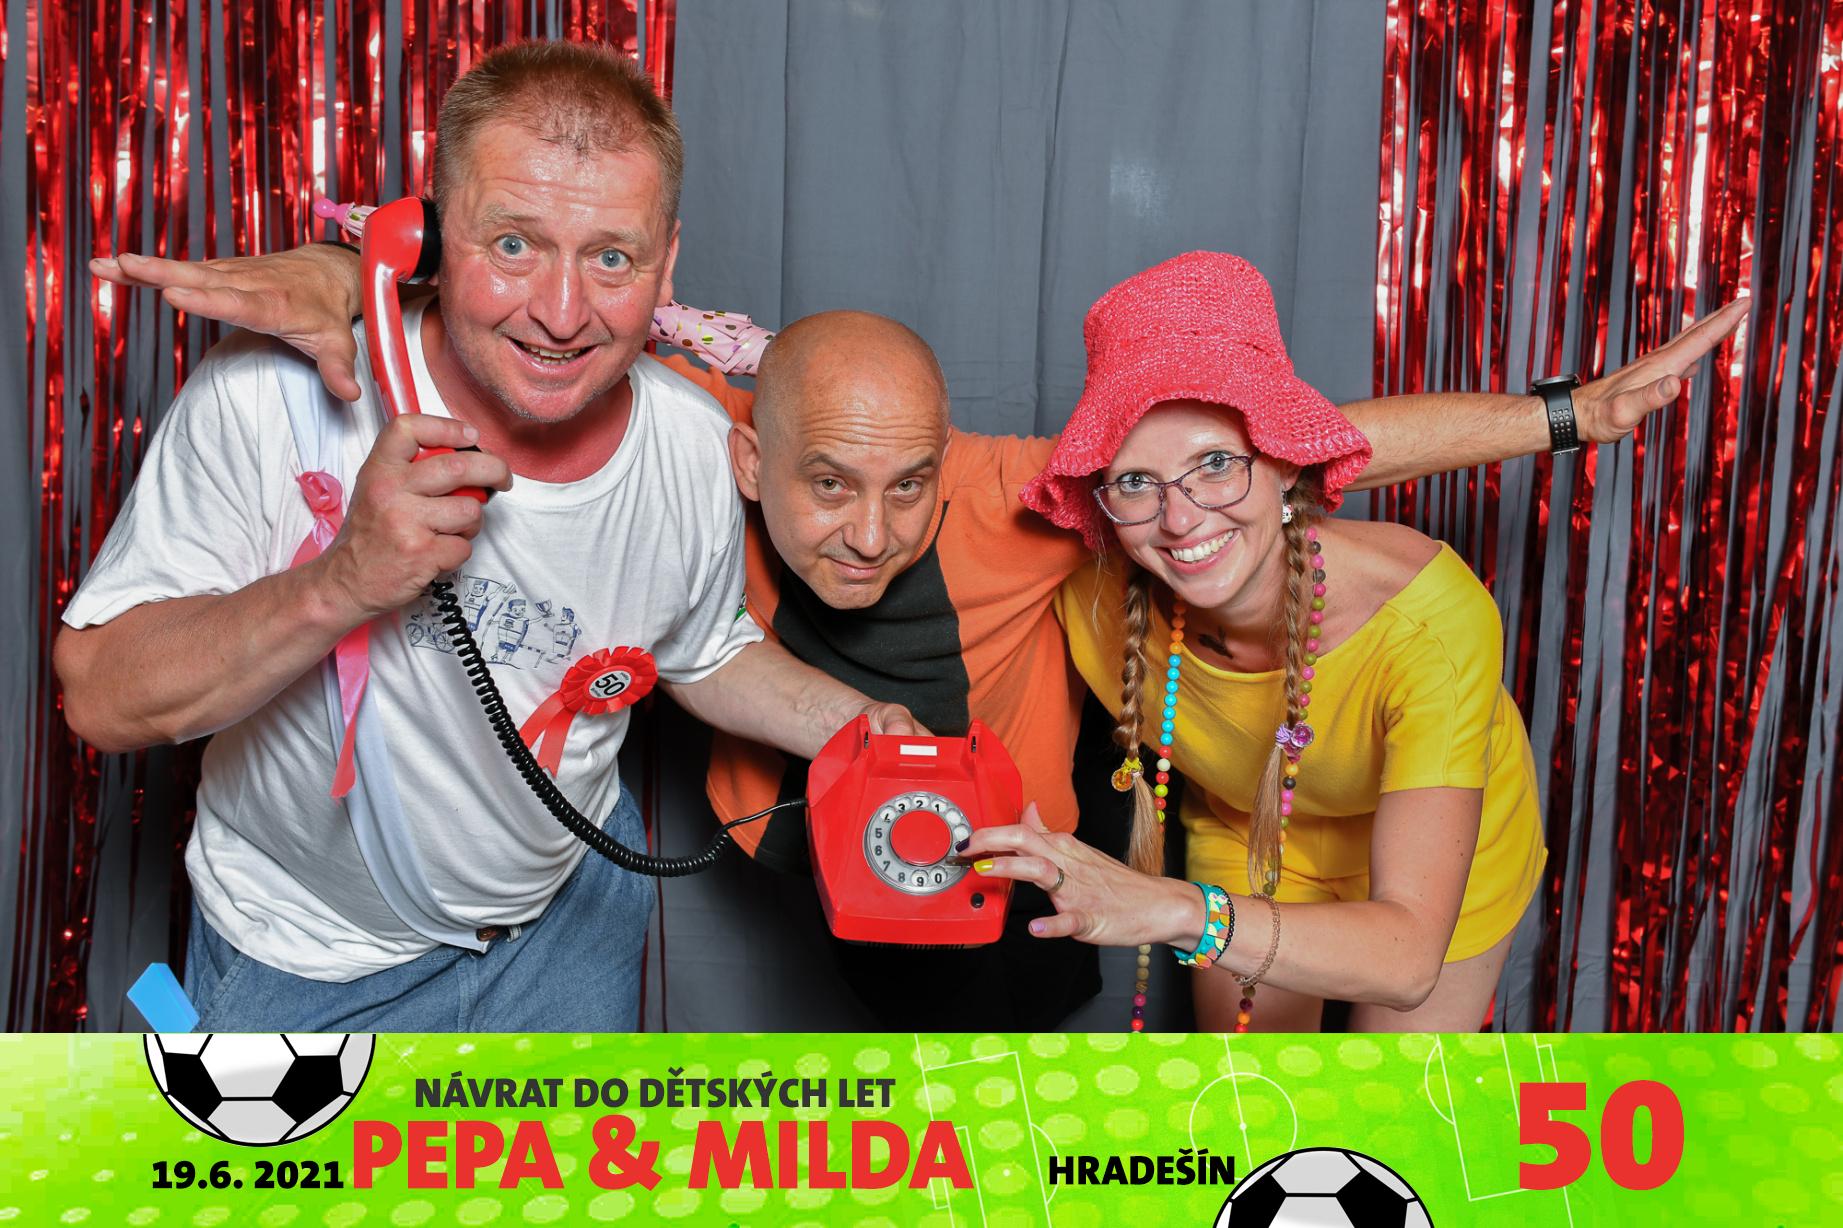 Oslava narozenin Pepa a Milda